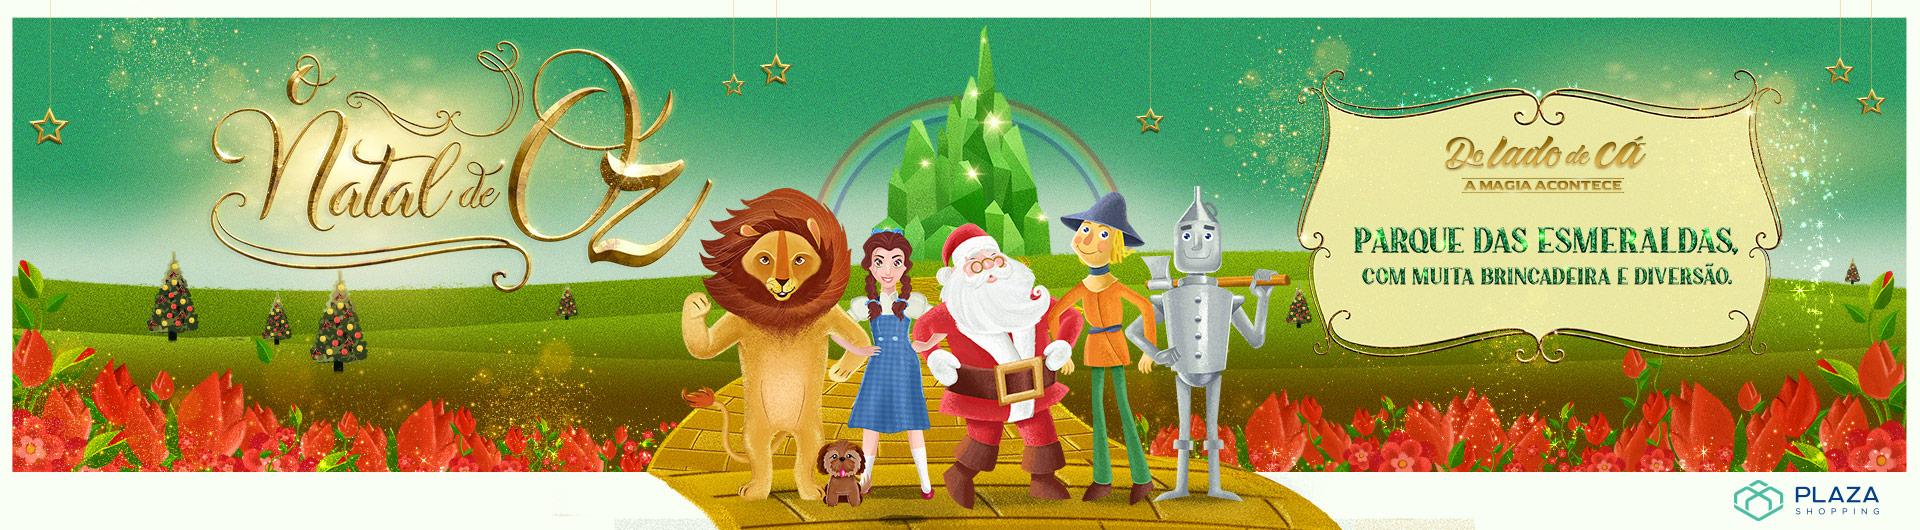 O Natal de Oz chega ao Plaza com diversas atrações!